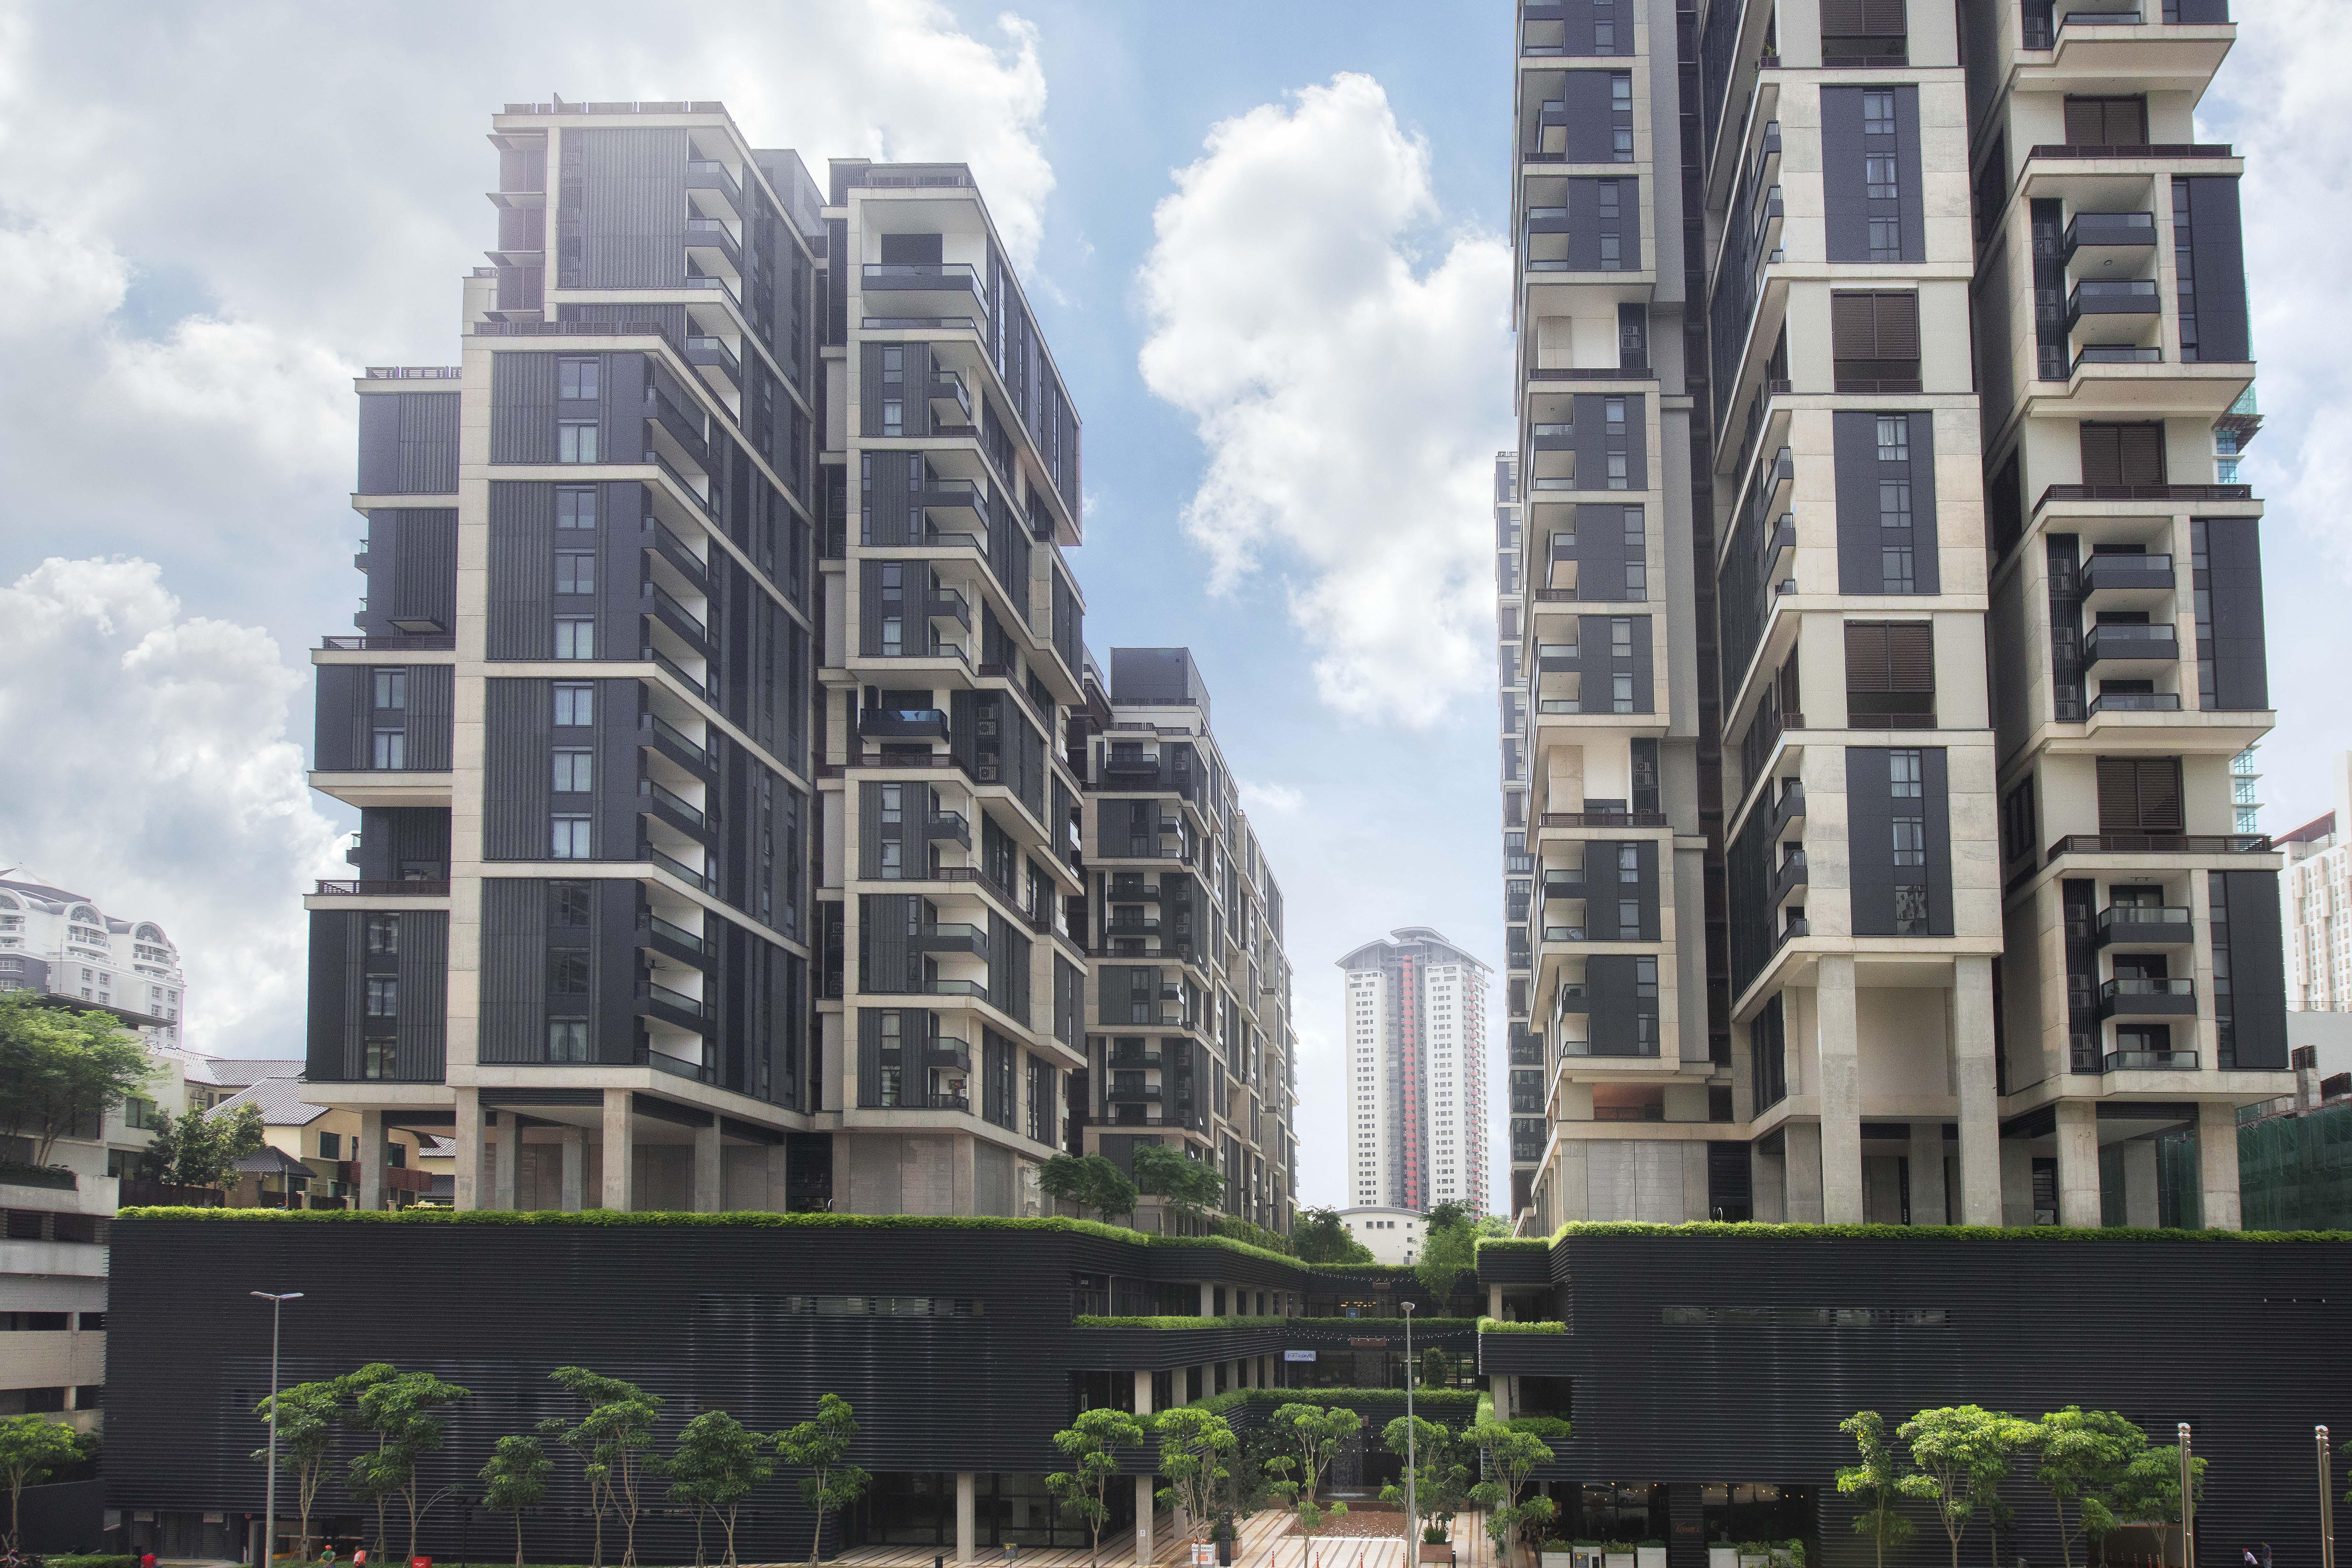 Arcoris Soho High Rise Residential In Mont Kiara Greater Kl Uem Sunrise